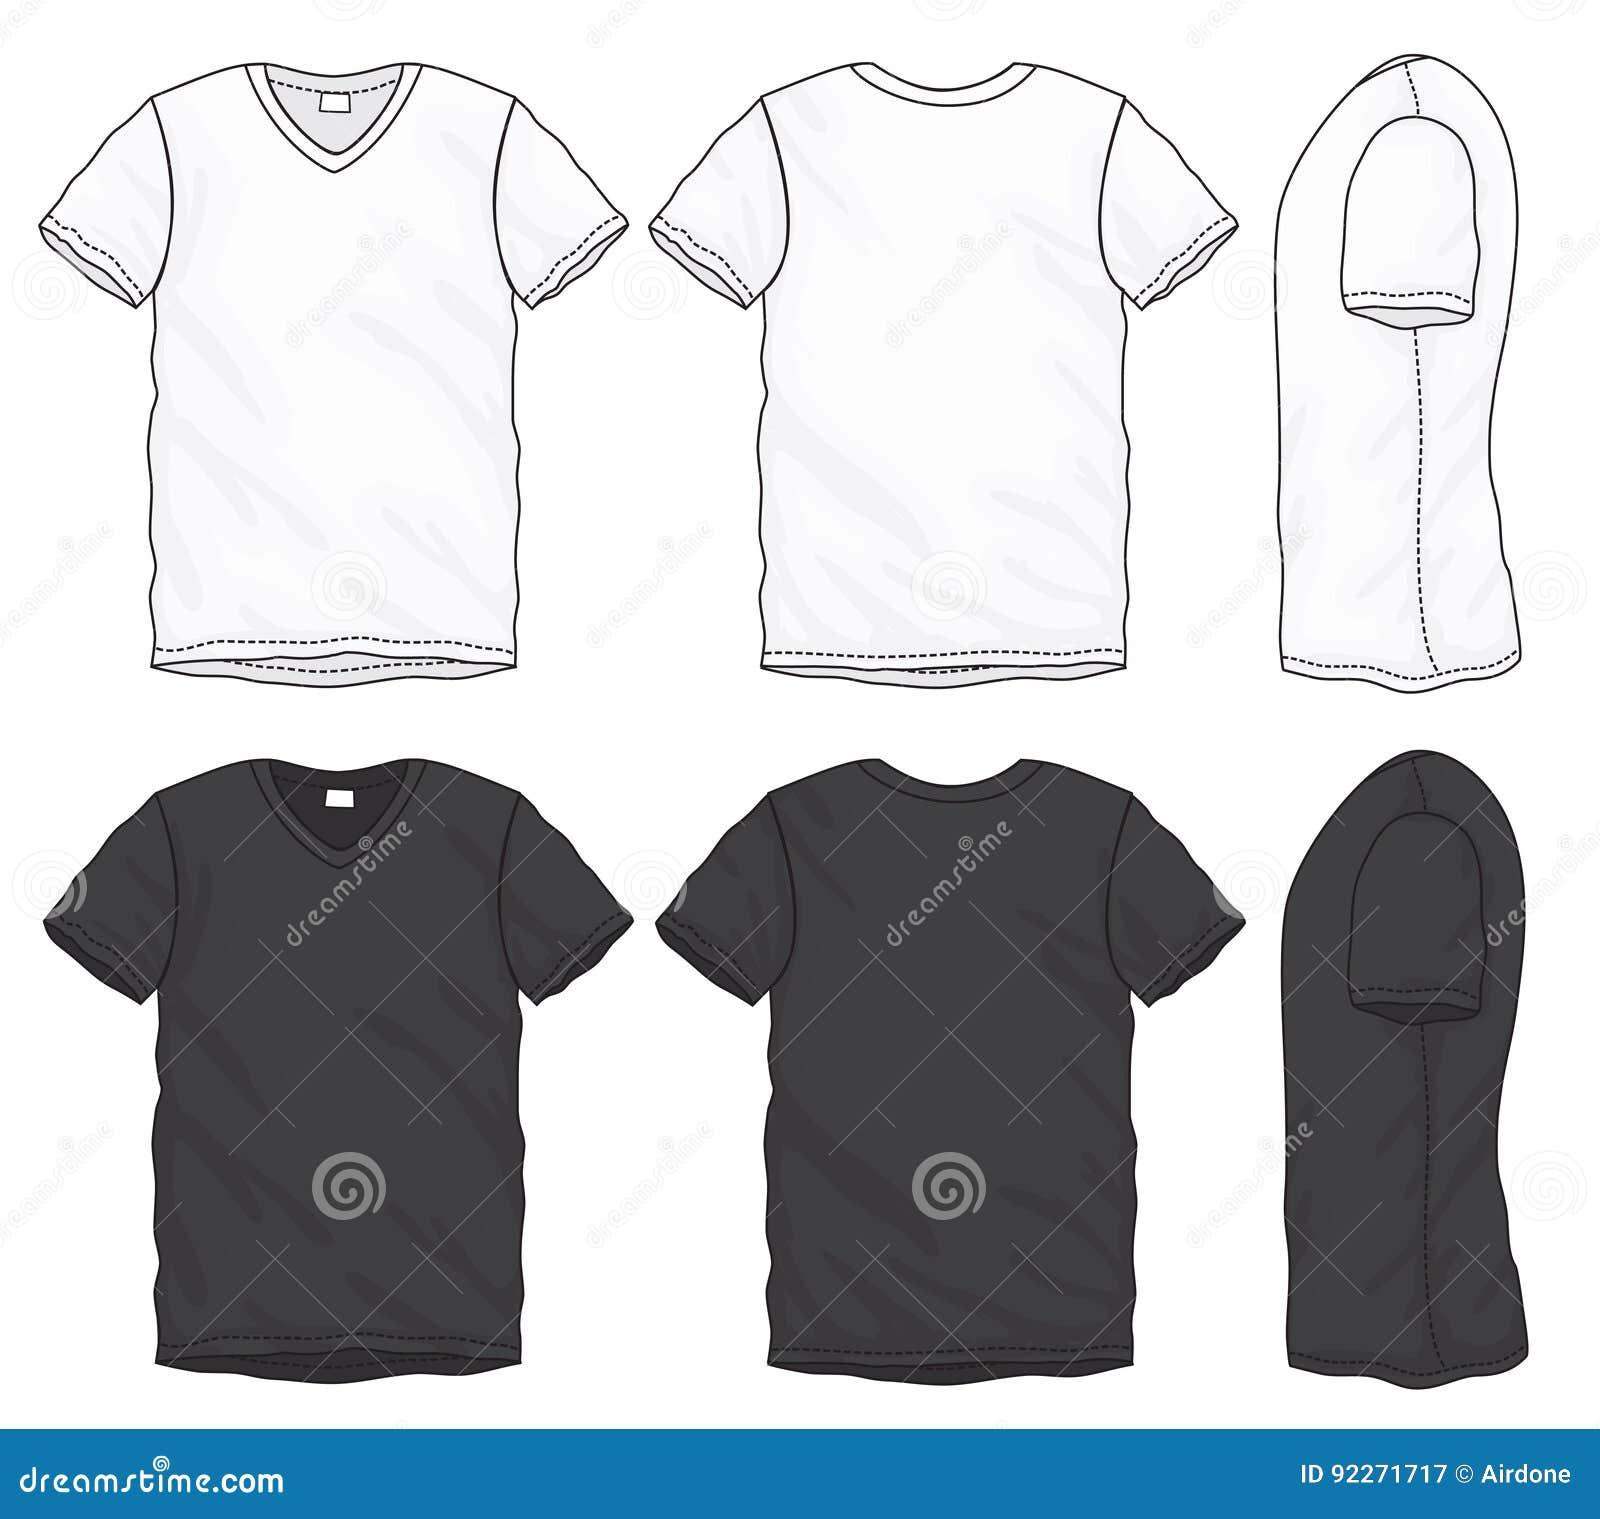 De Diseño Camiseta Pico Negra Blanca Del Plantilla Con Cuello La xBrdshCotQ